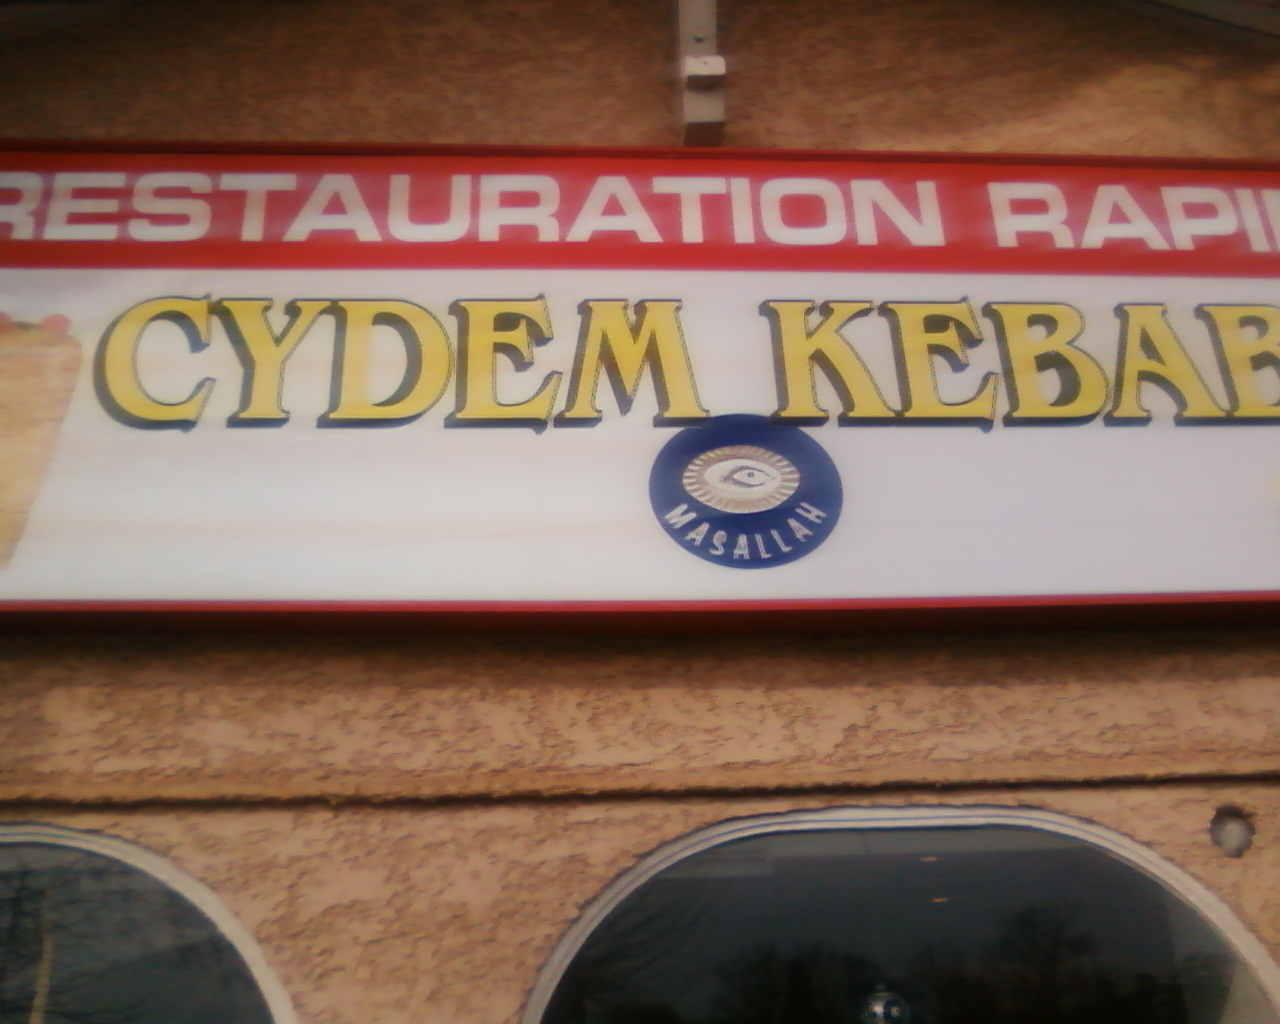 Cydem kebab